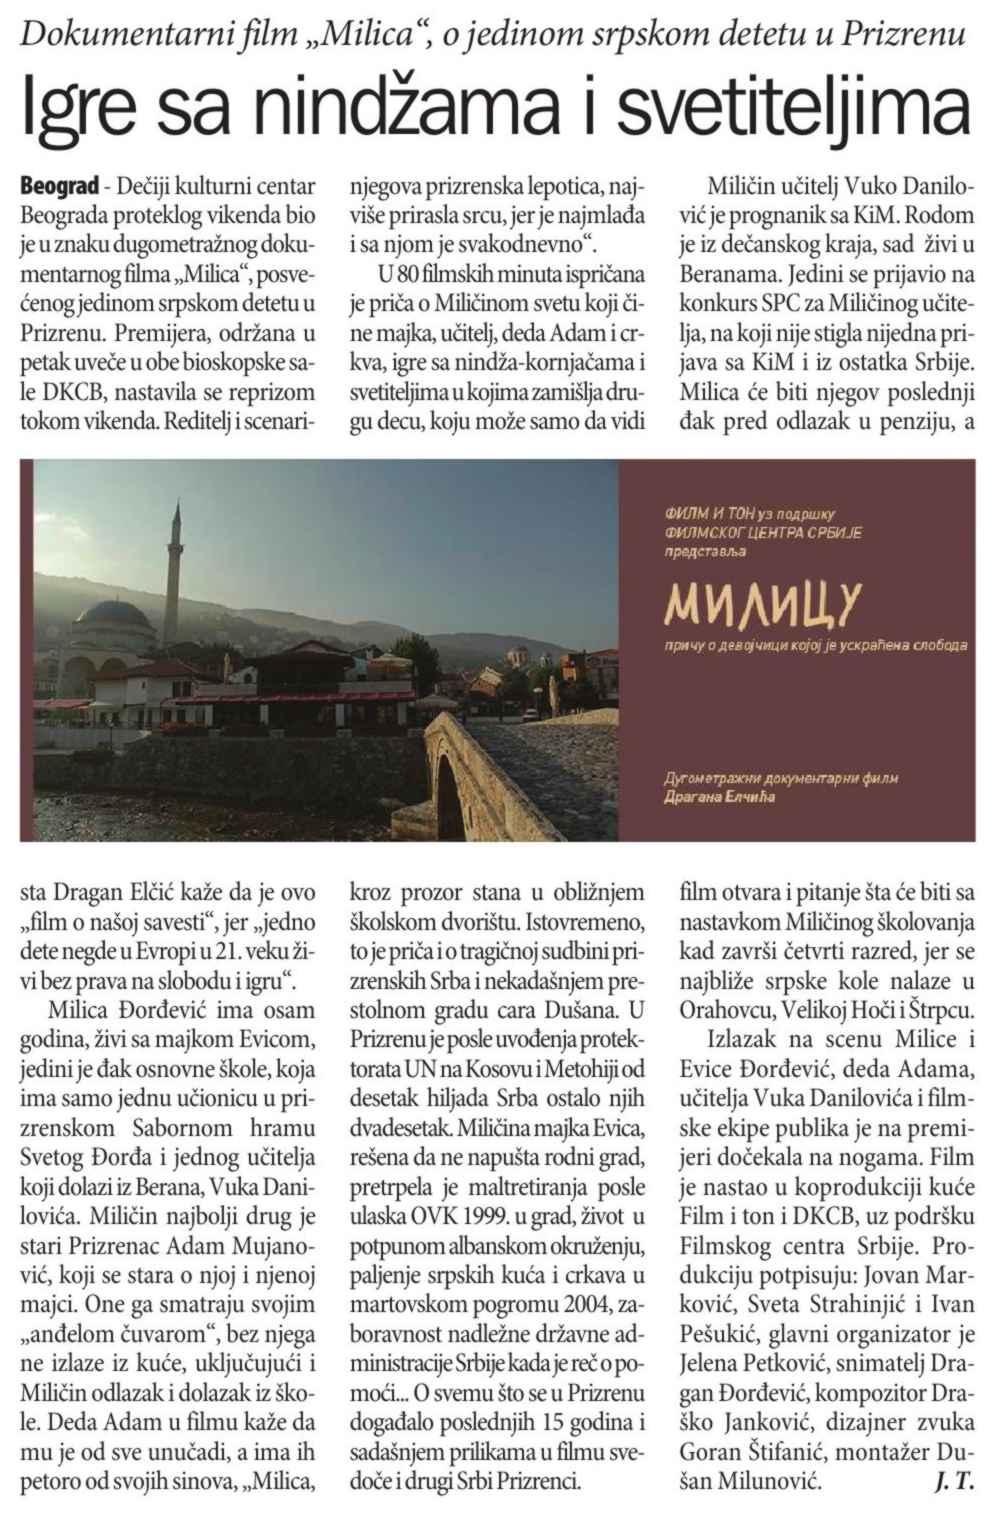 20150223 Press Cliping Milica (4)